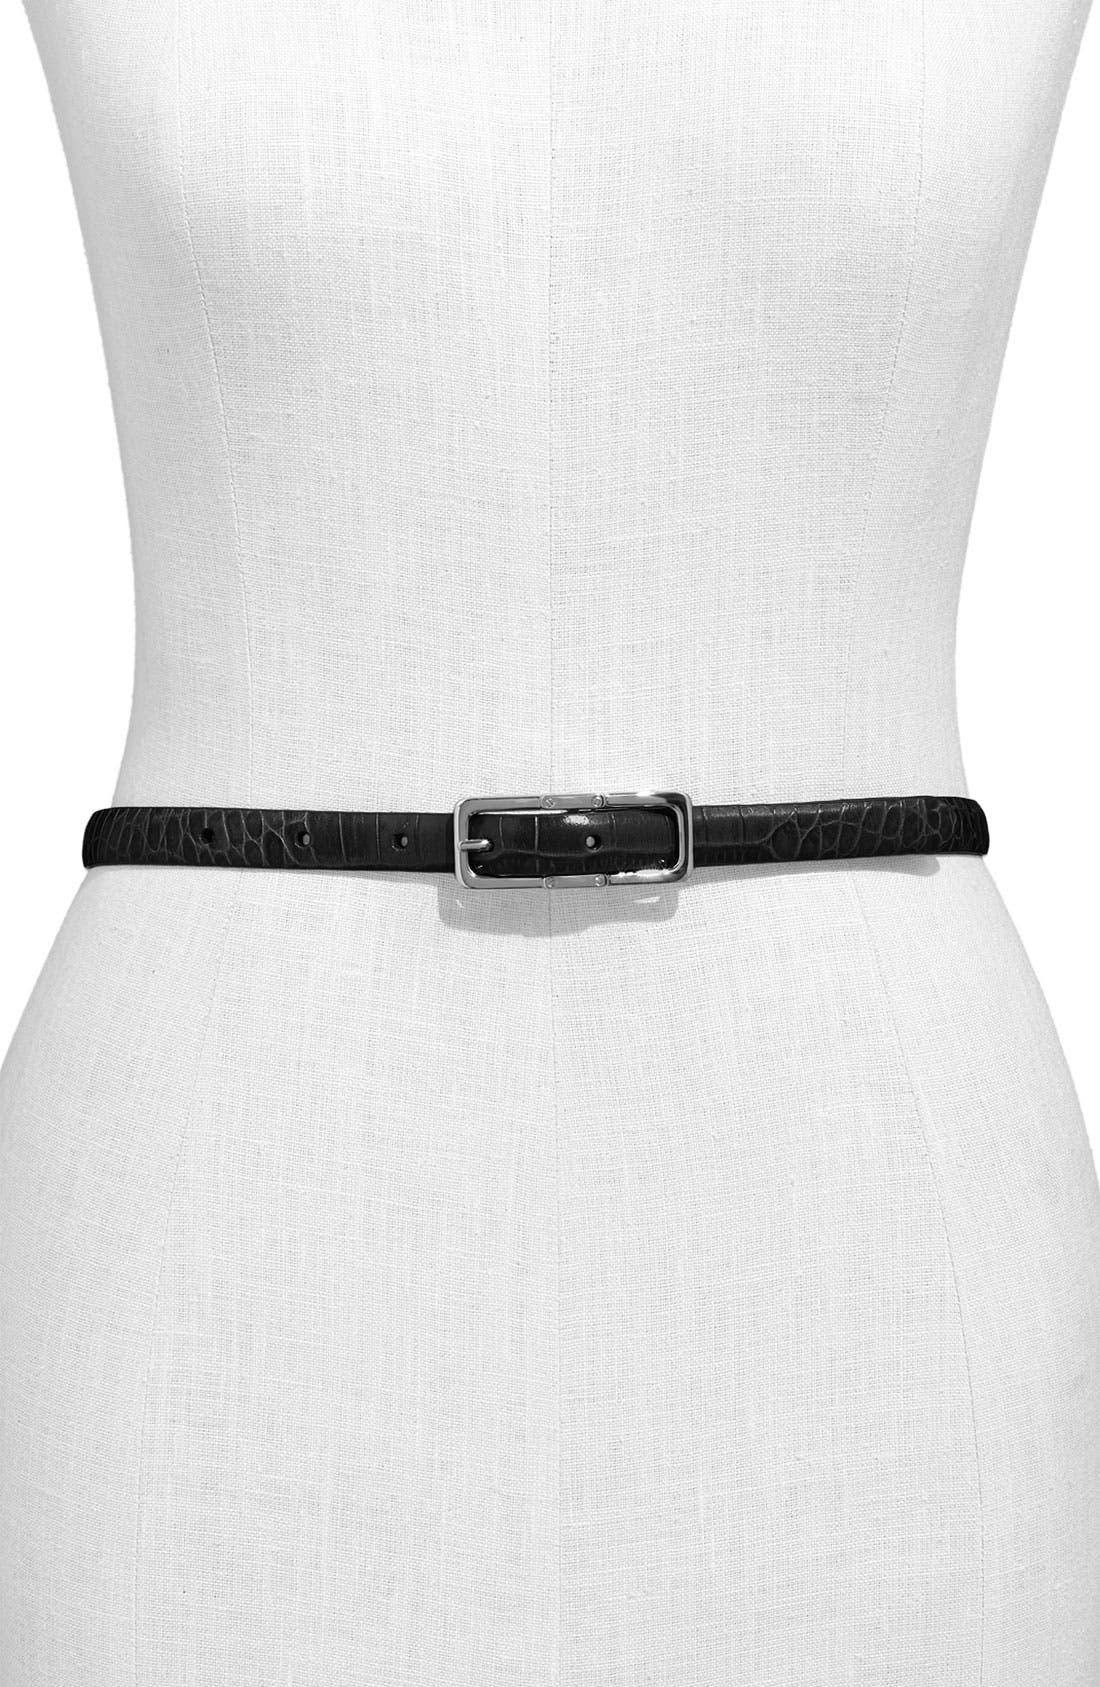 Alternate Image 1 Selected - Lauren Ralph Lauren Croc Embossed Reversible Belt